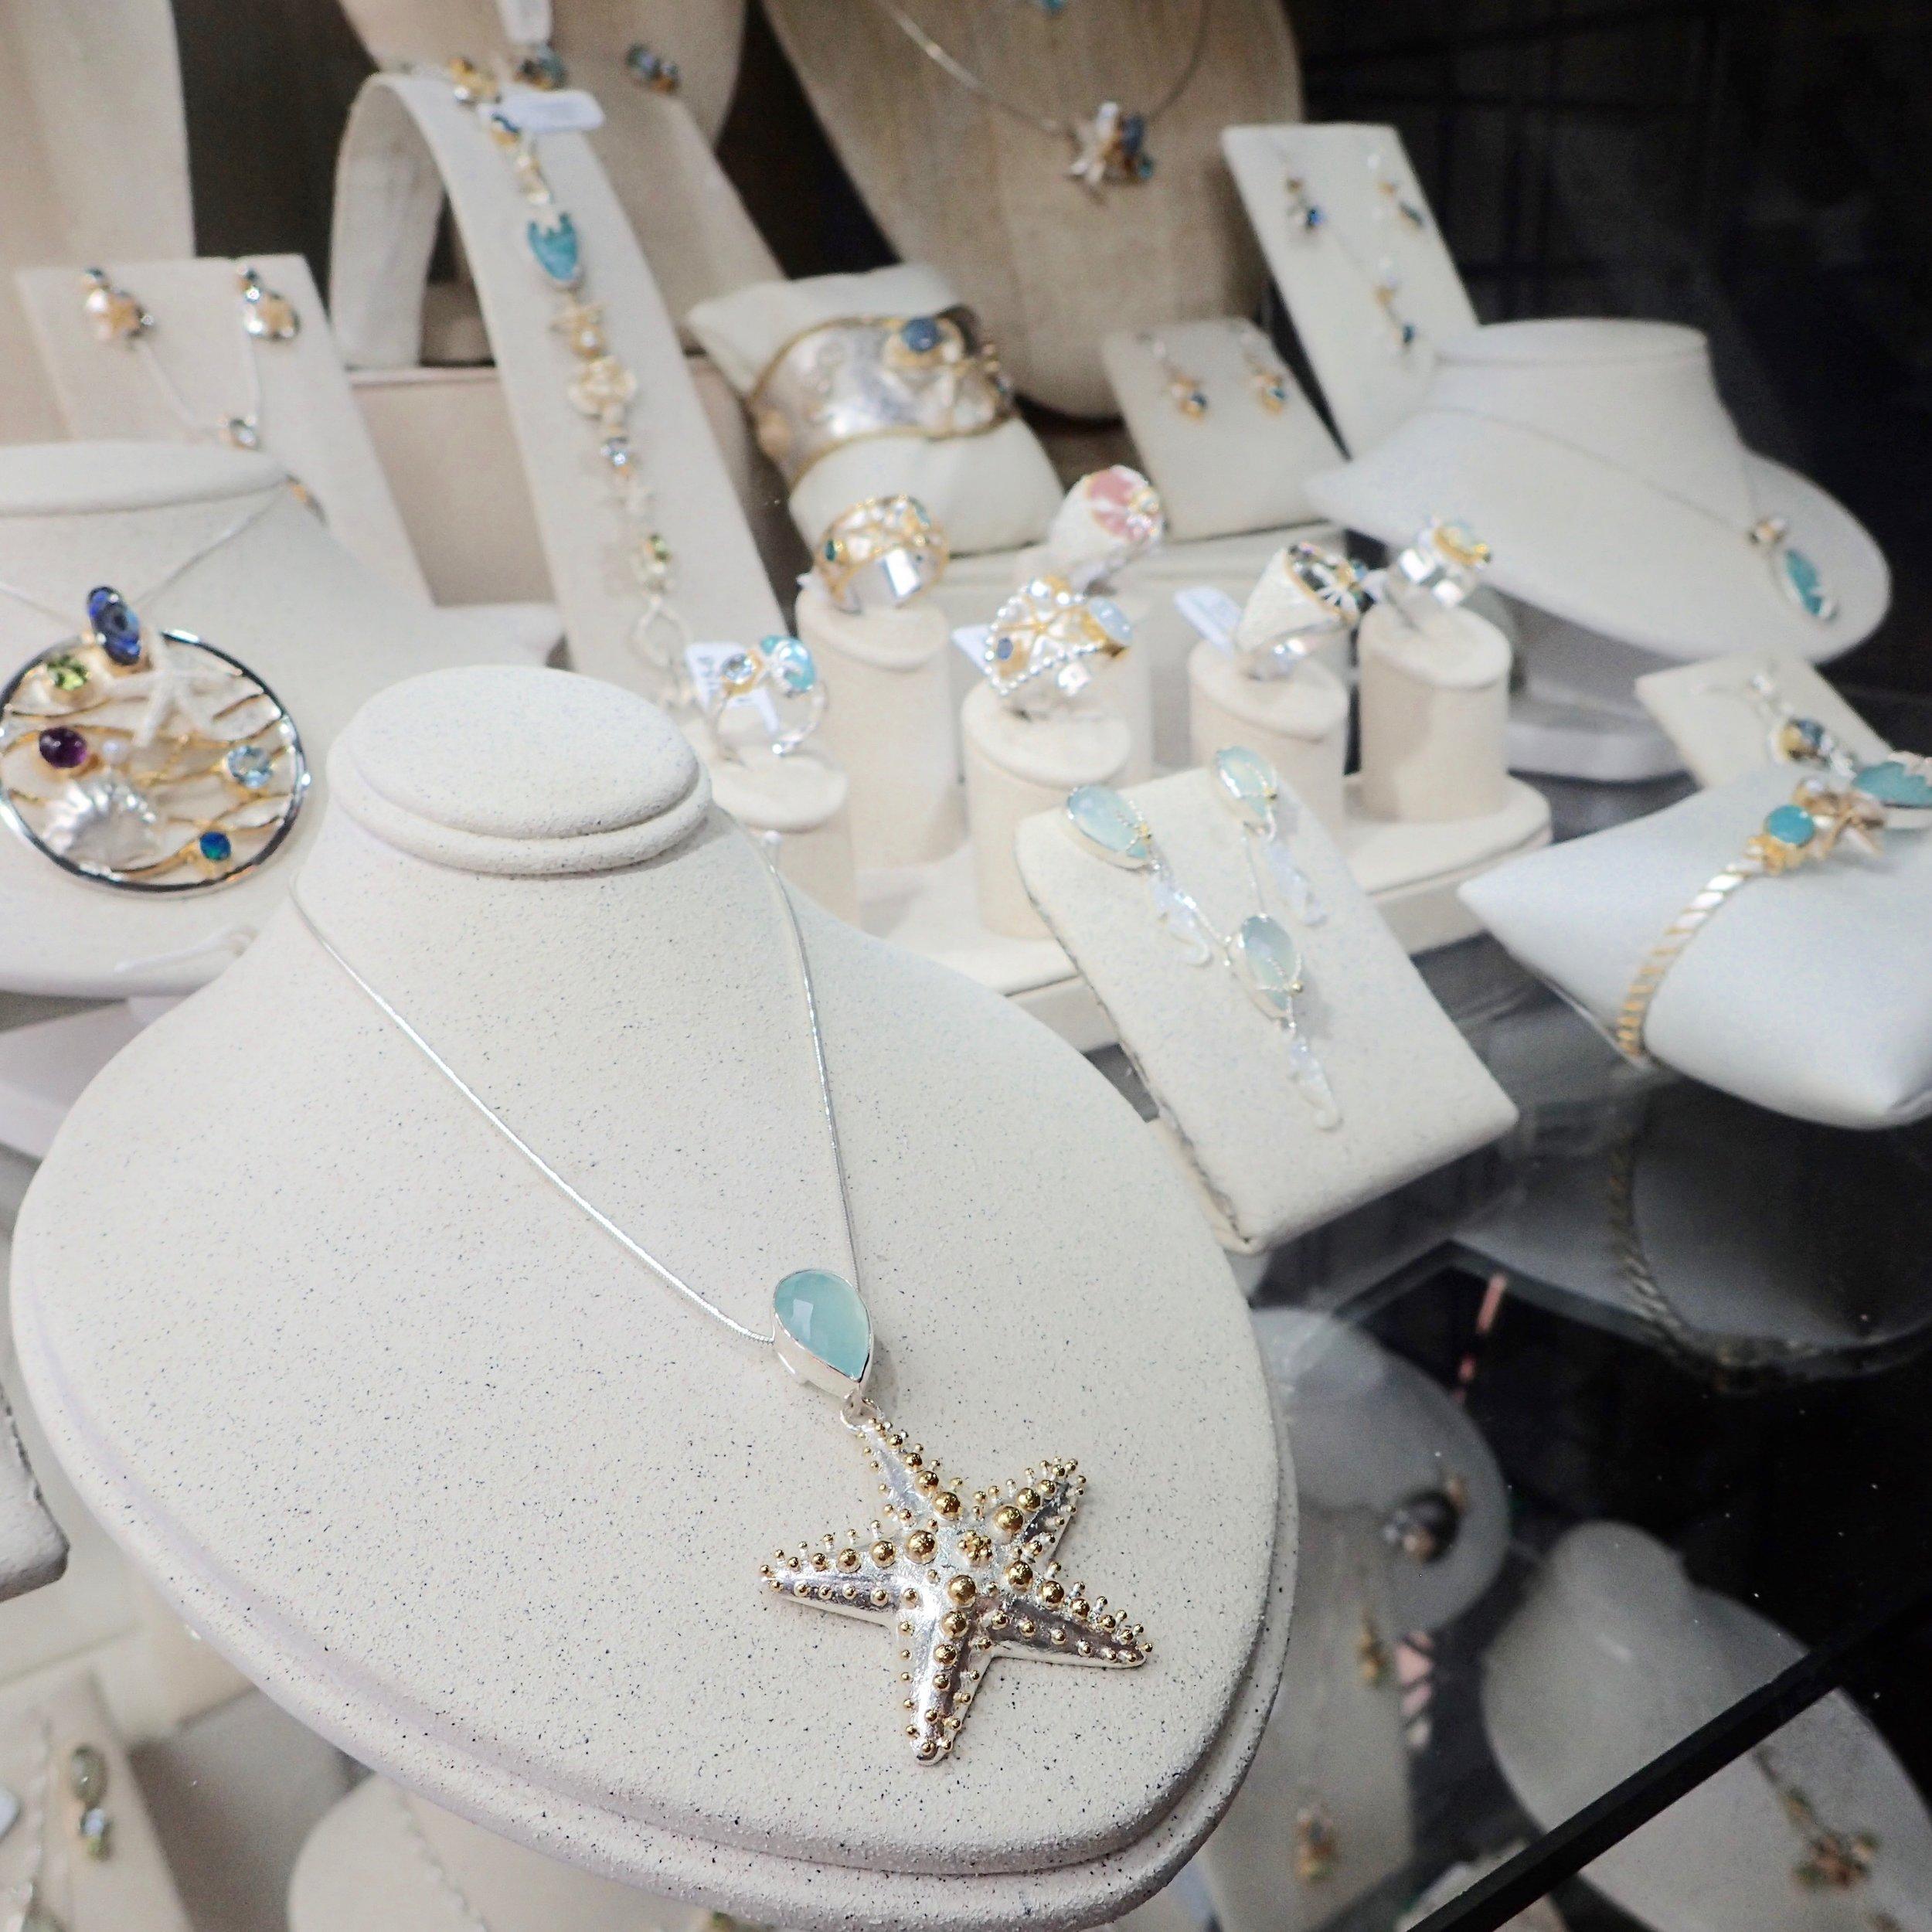 Wyland Gallery jewelry